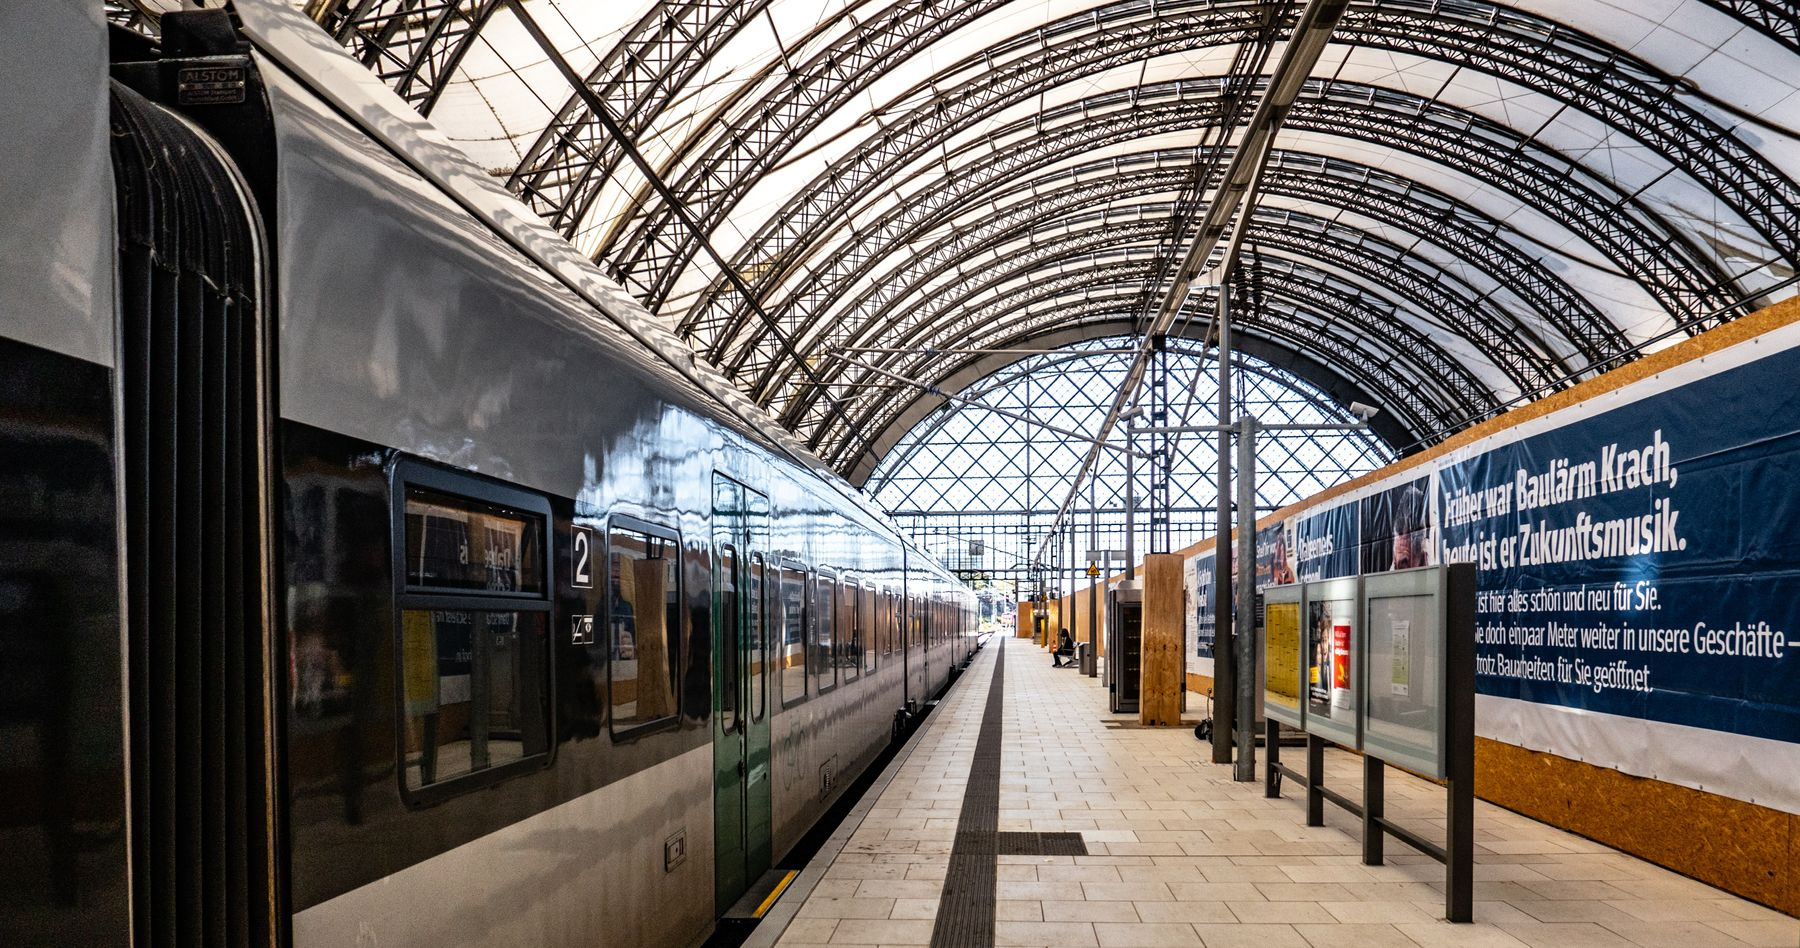 Vous pouvez voyager en train dès aujourd'hui